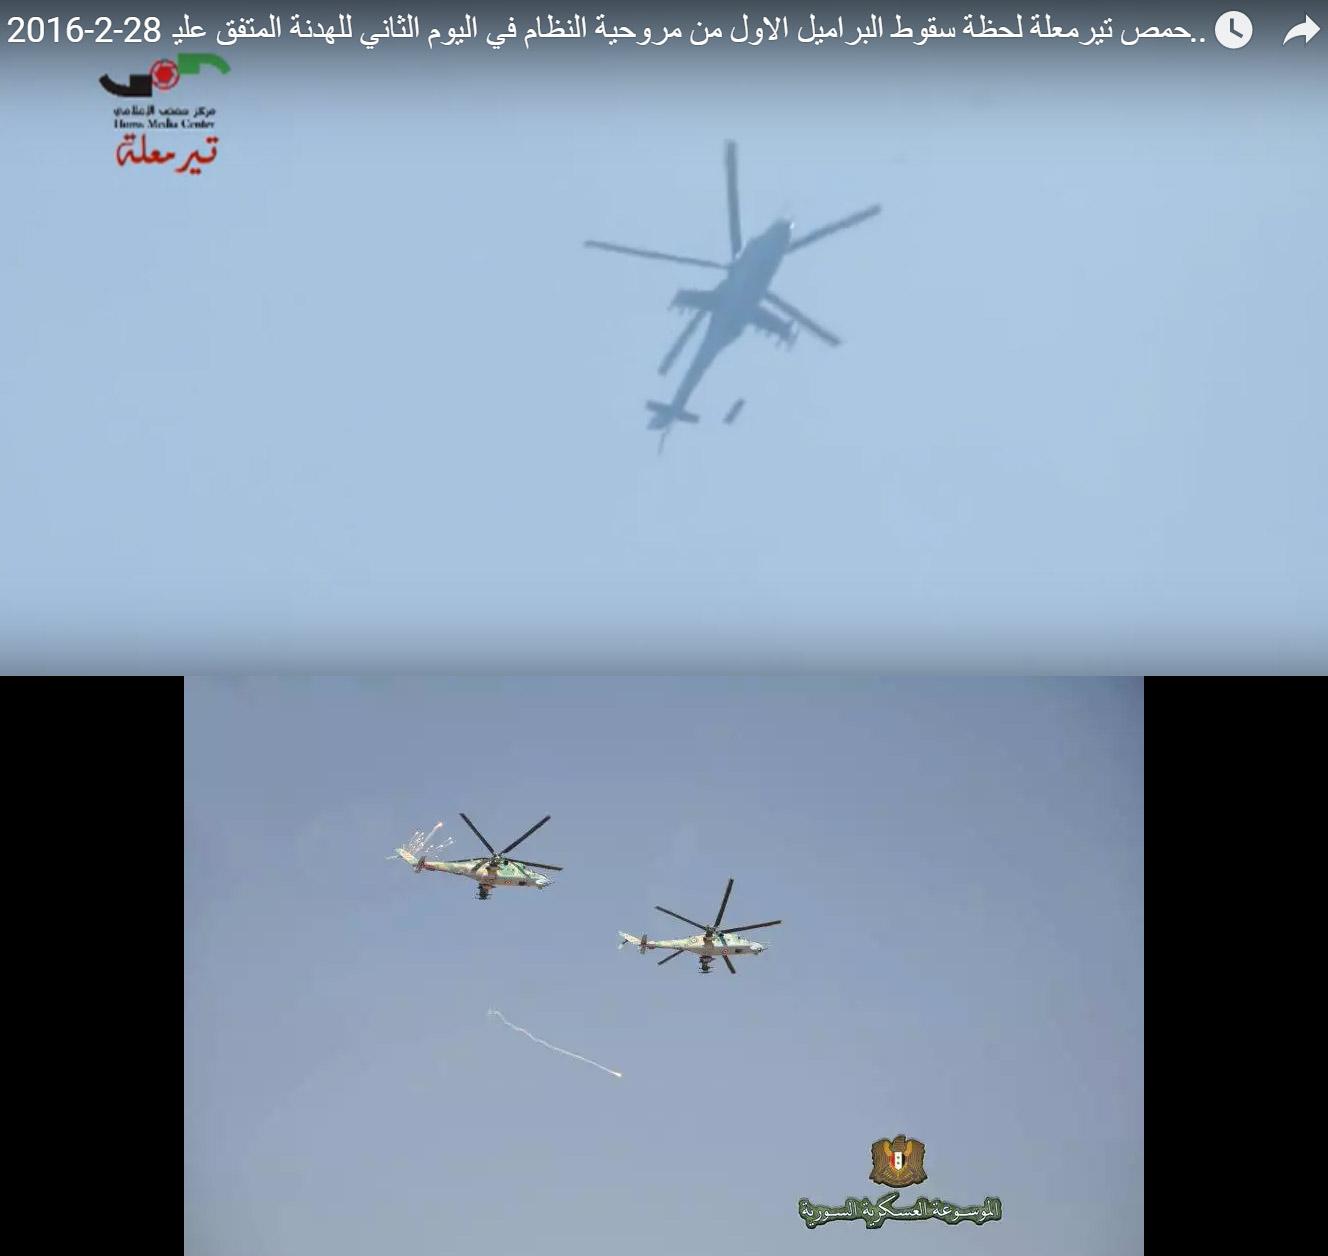 Кадр из видео 28 февраля и Ми-25 ВВС Асада (источник)